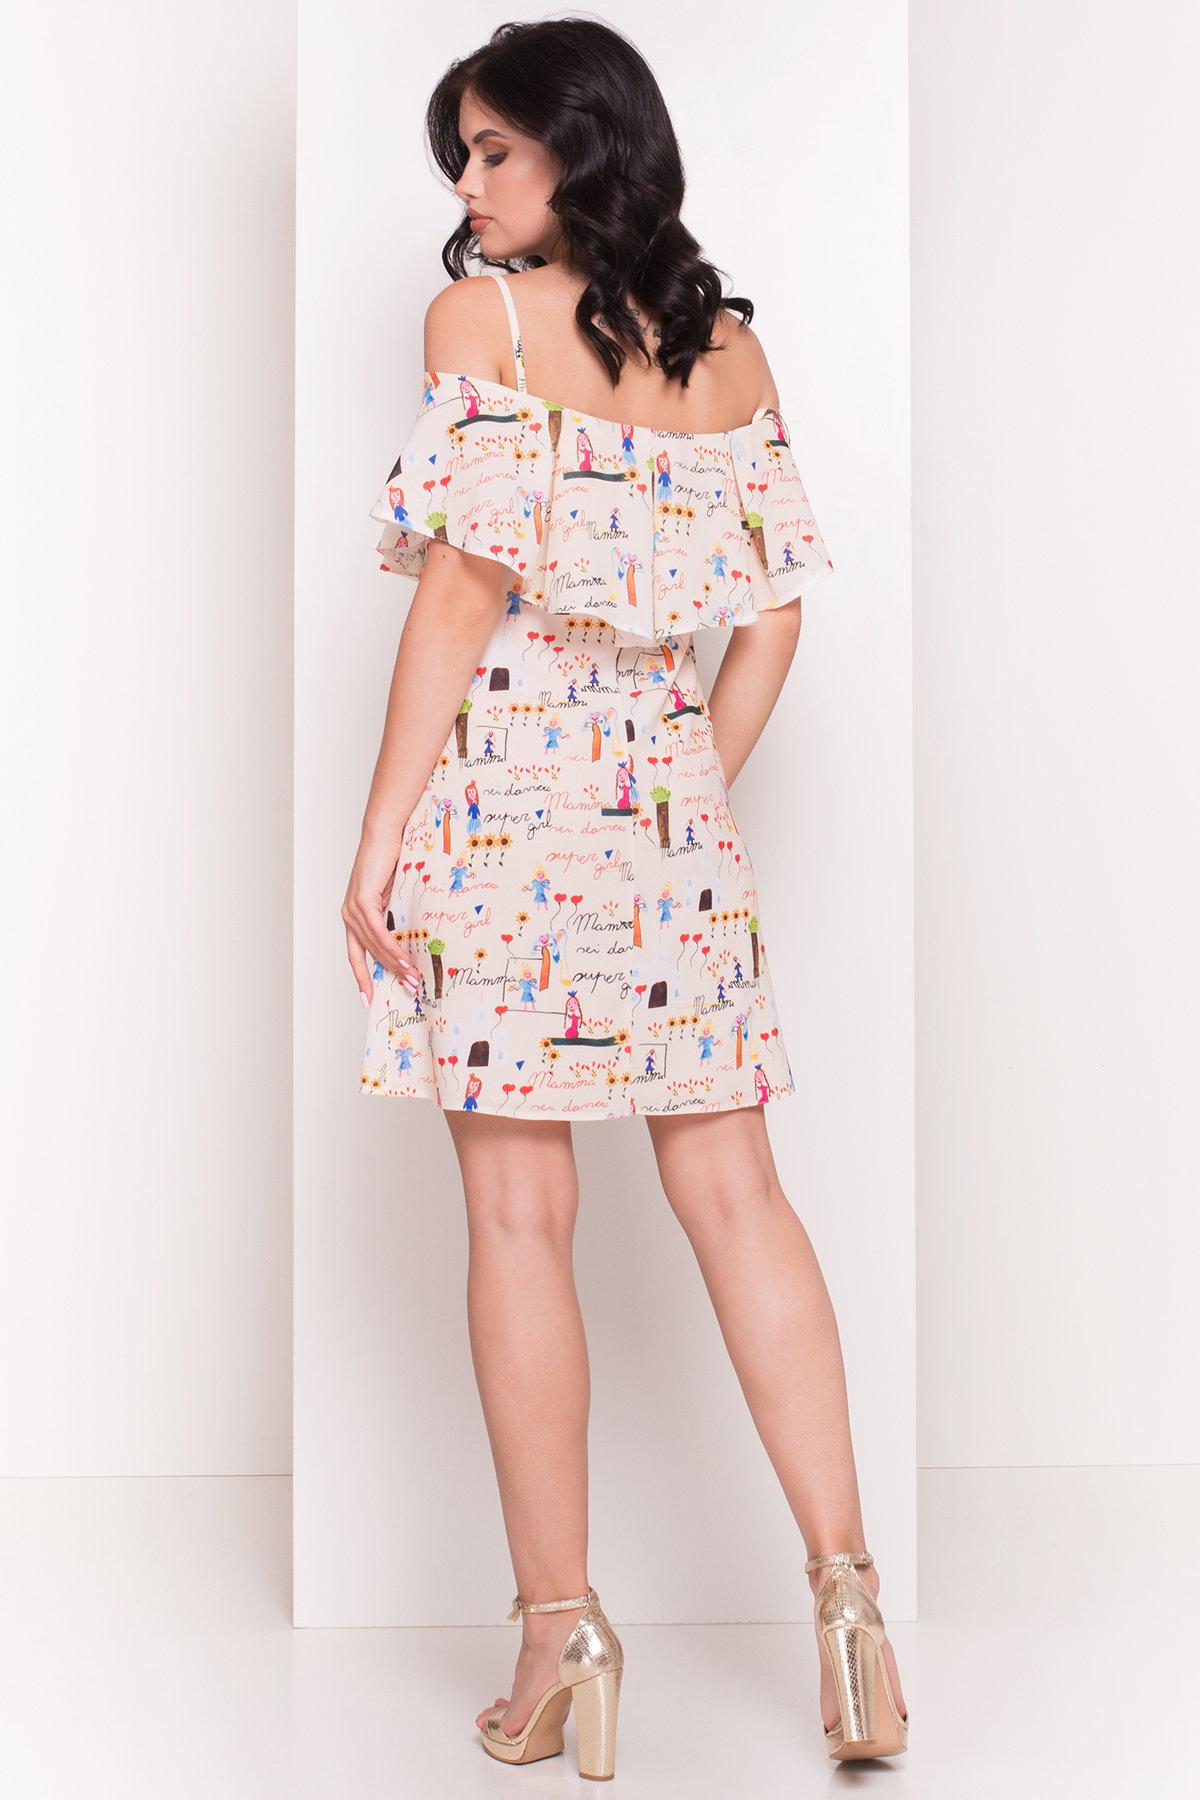 TW Платье Восток 5119 АРТ. 35884 Цвет: Бежевый светлый/детские рисунки - фото 3, интернет магазин tm-modus.ru